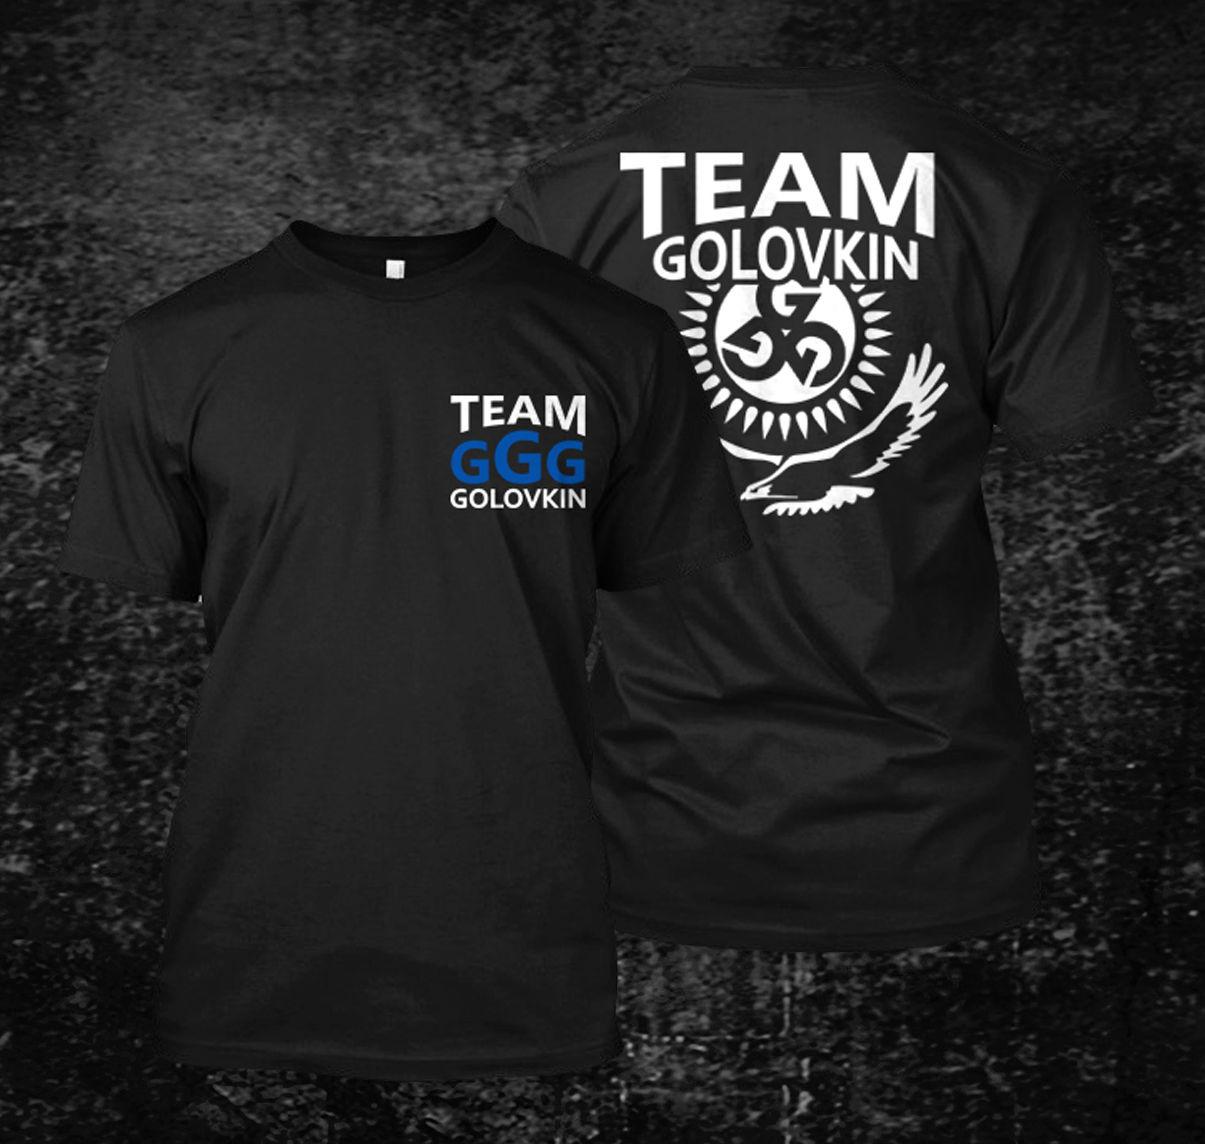 GGG Gennady Golovkin Team Boxinger футболка классная Повседневная хлопковая футболка с коротким рукавом модные футболки с принтом для мужчин Harajuku